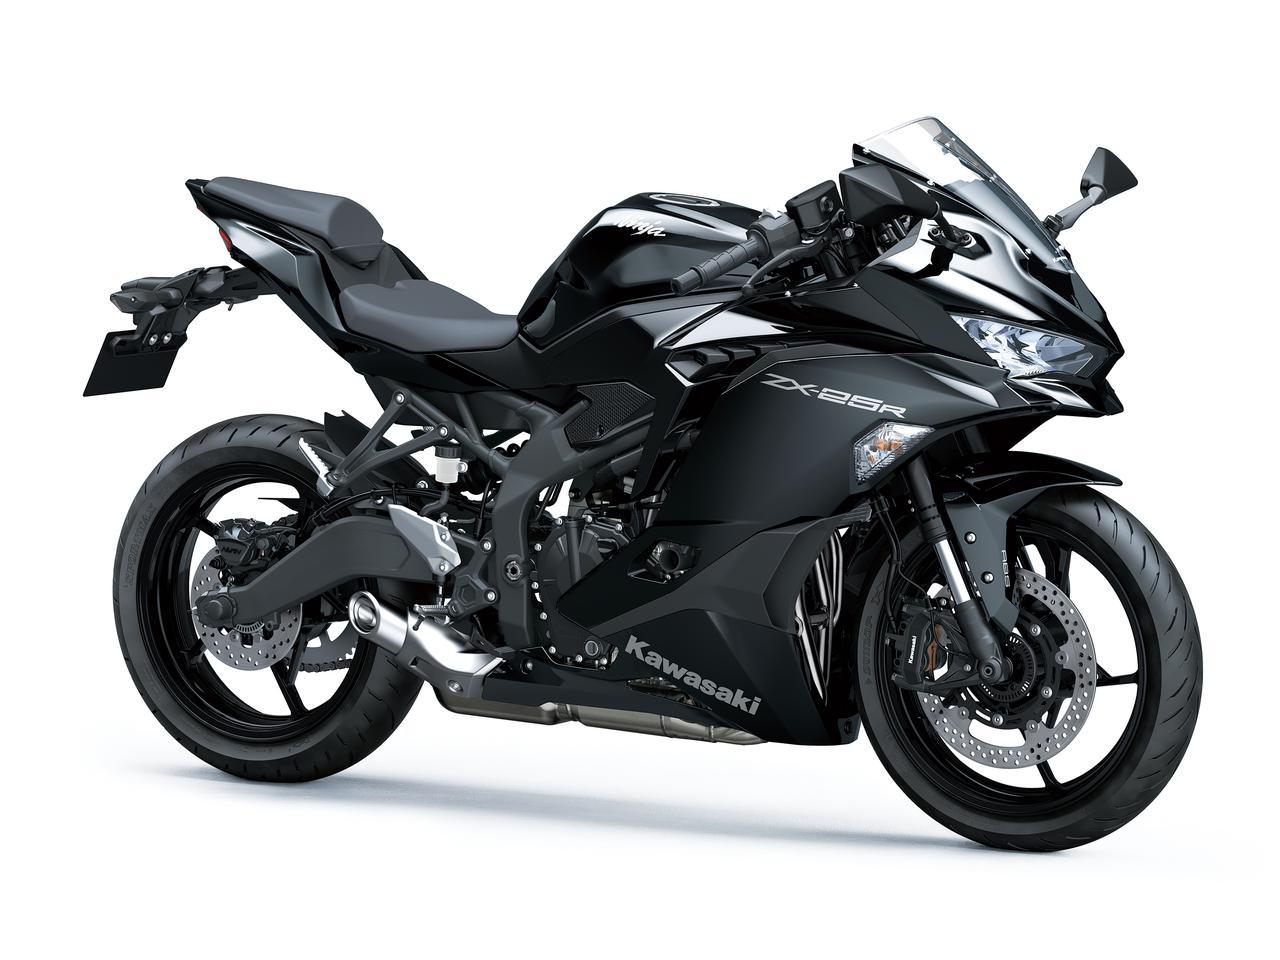 画像: Kawasaki Ninja ZX-25R/SE/SE KRT EDITION 2022年モデル 総排気量:249cc エンジン形式:水冷4ストDOHC4バルブ並列4気筒 シート高:785mm 車両重量:183kg/184kg(SE&SE KRT EDITION) 発売日:2021年9月10日(金) 税込価格:84万7000円/93万5000円(SE&SE KRT EDITION) ※写真は、Ninja ZX-25R